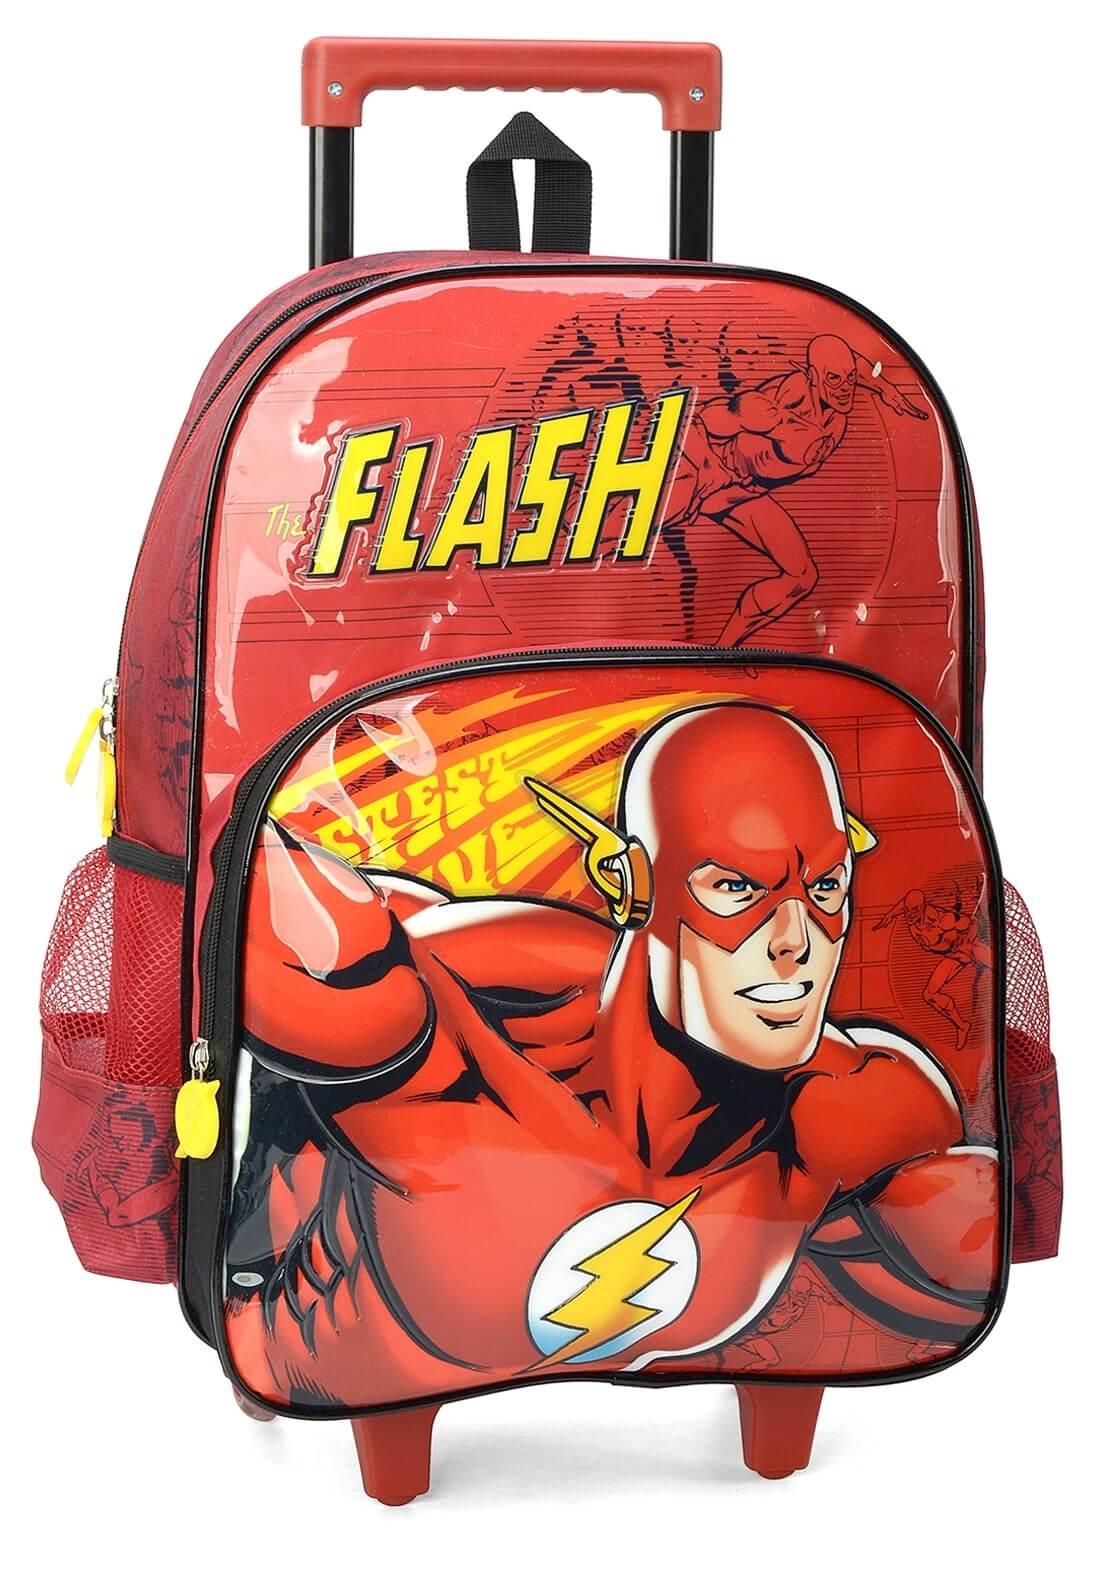 Mochila Rodinha The Flash Vermelha Mochilete Original Garant